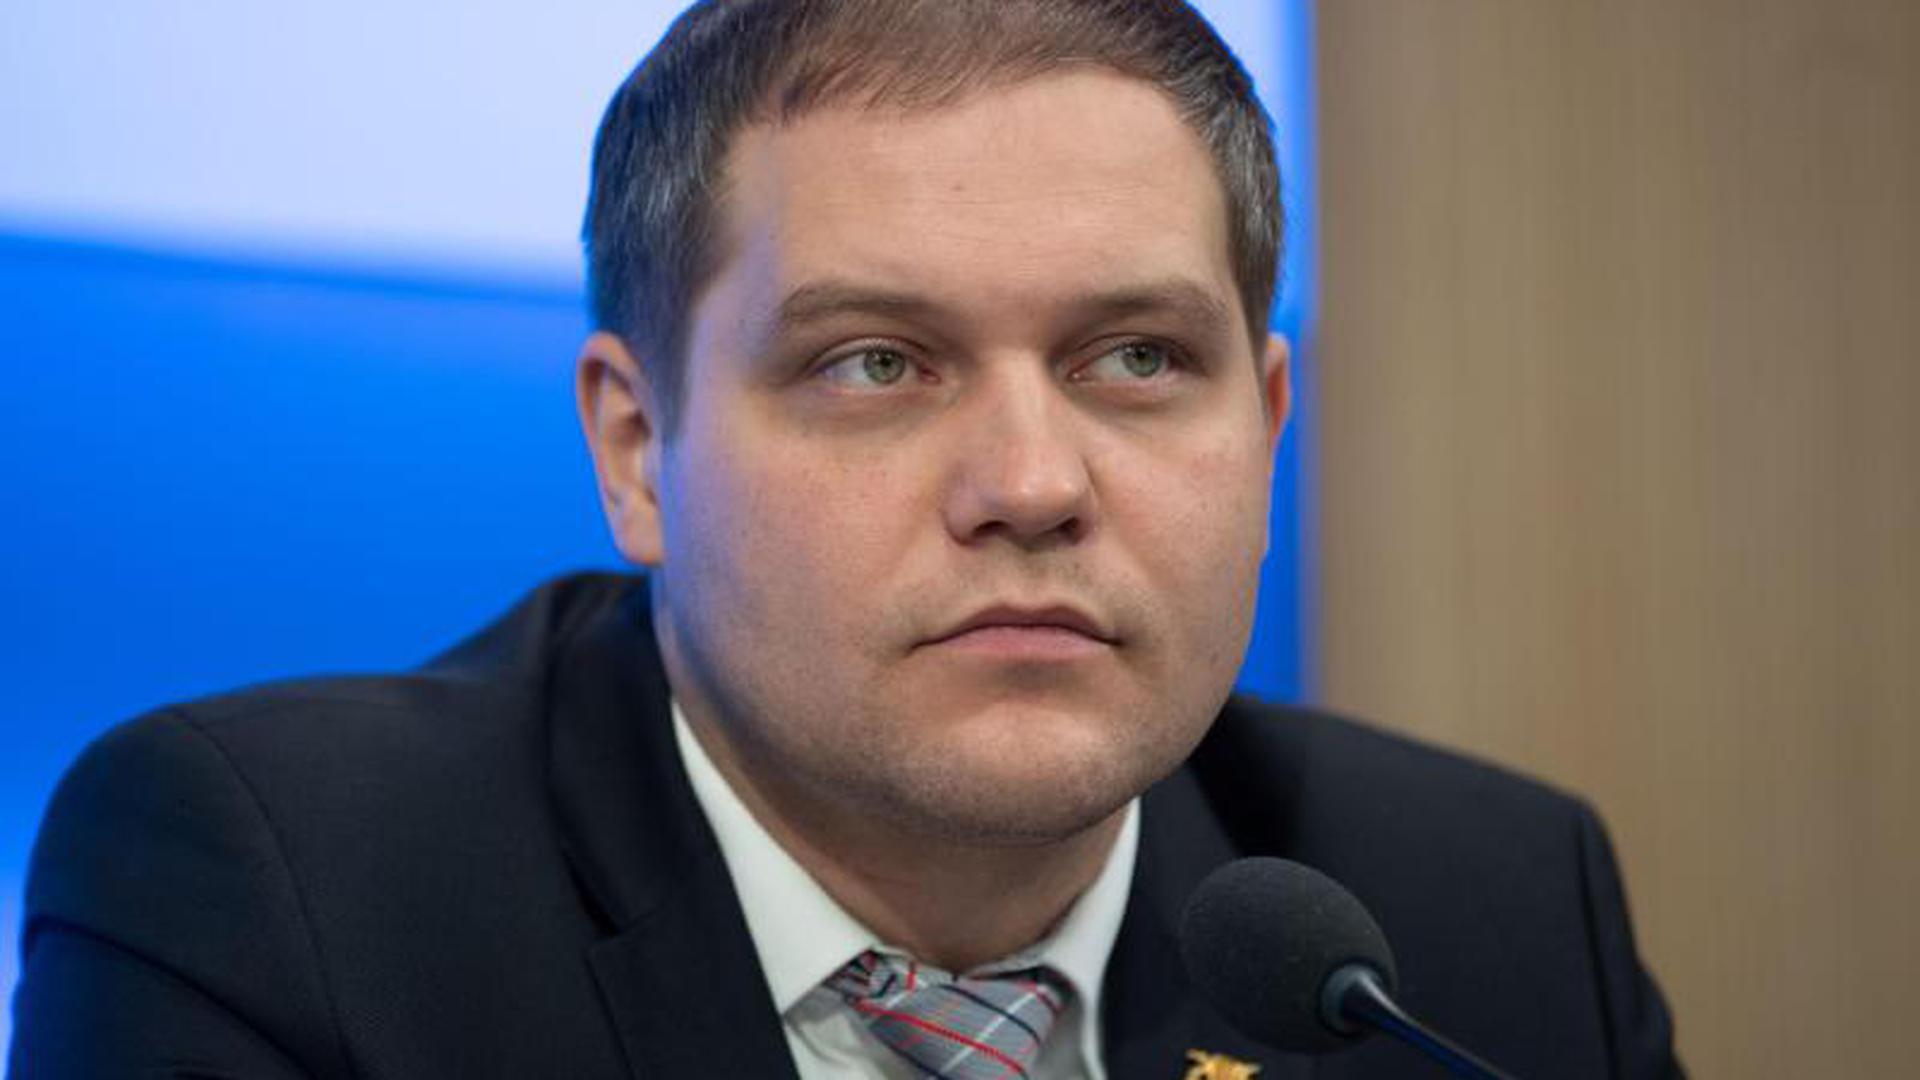 Der parlamentarische Geschäftsführer Anton Baron